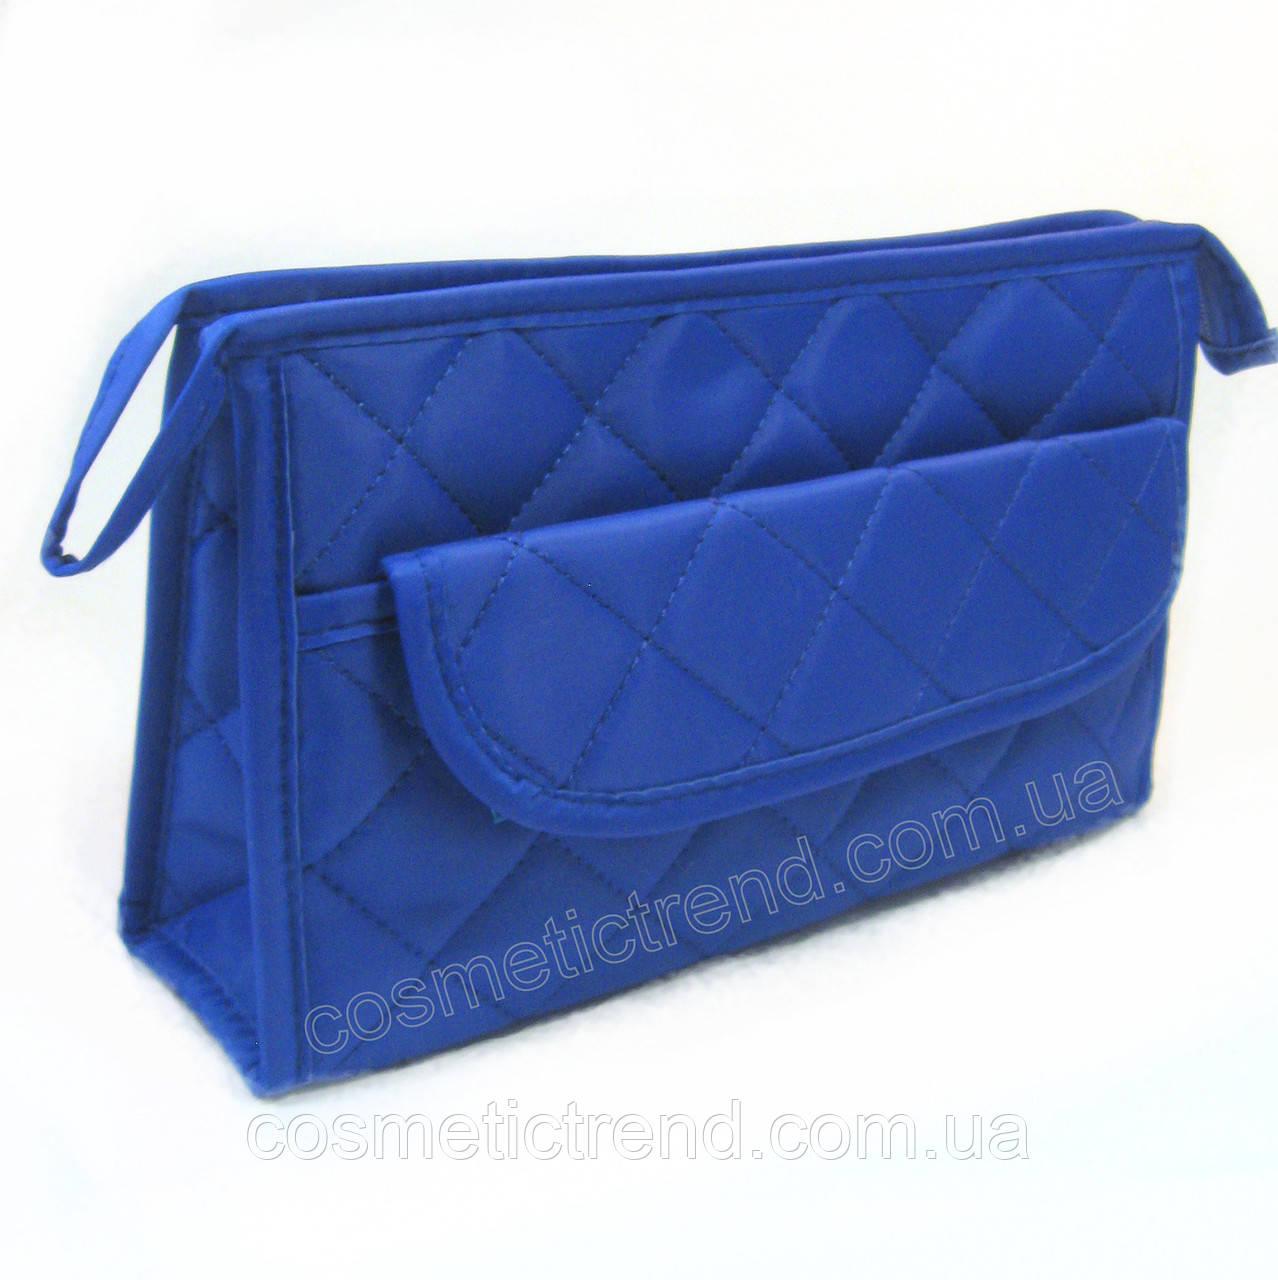 Косметичка женская стеганая универсальная (6 отделений) Baoyun-427/blue  24*15*7 см